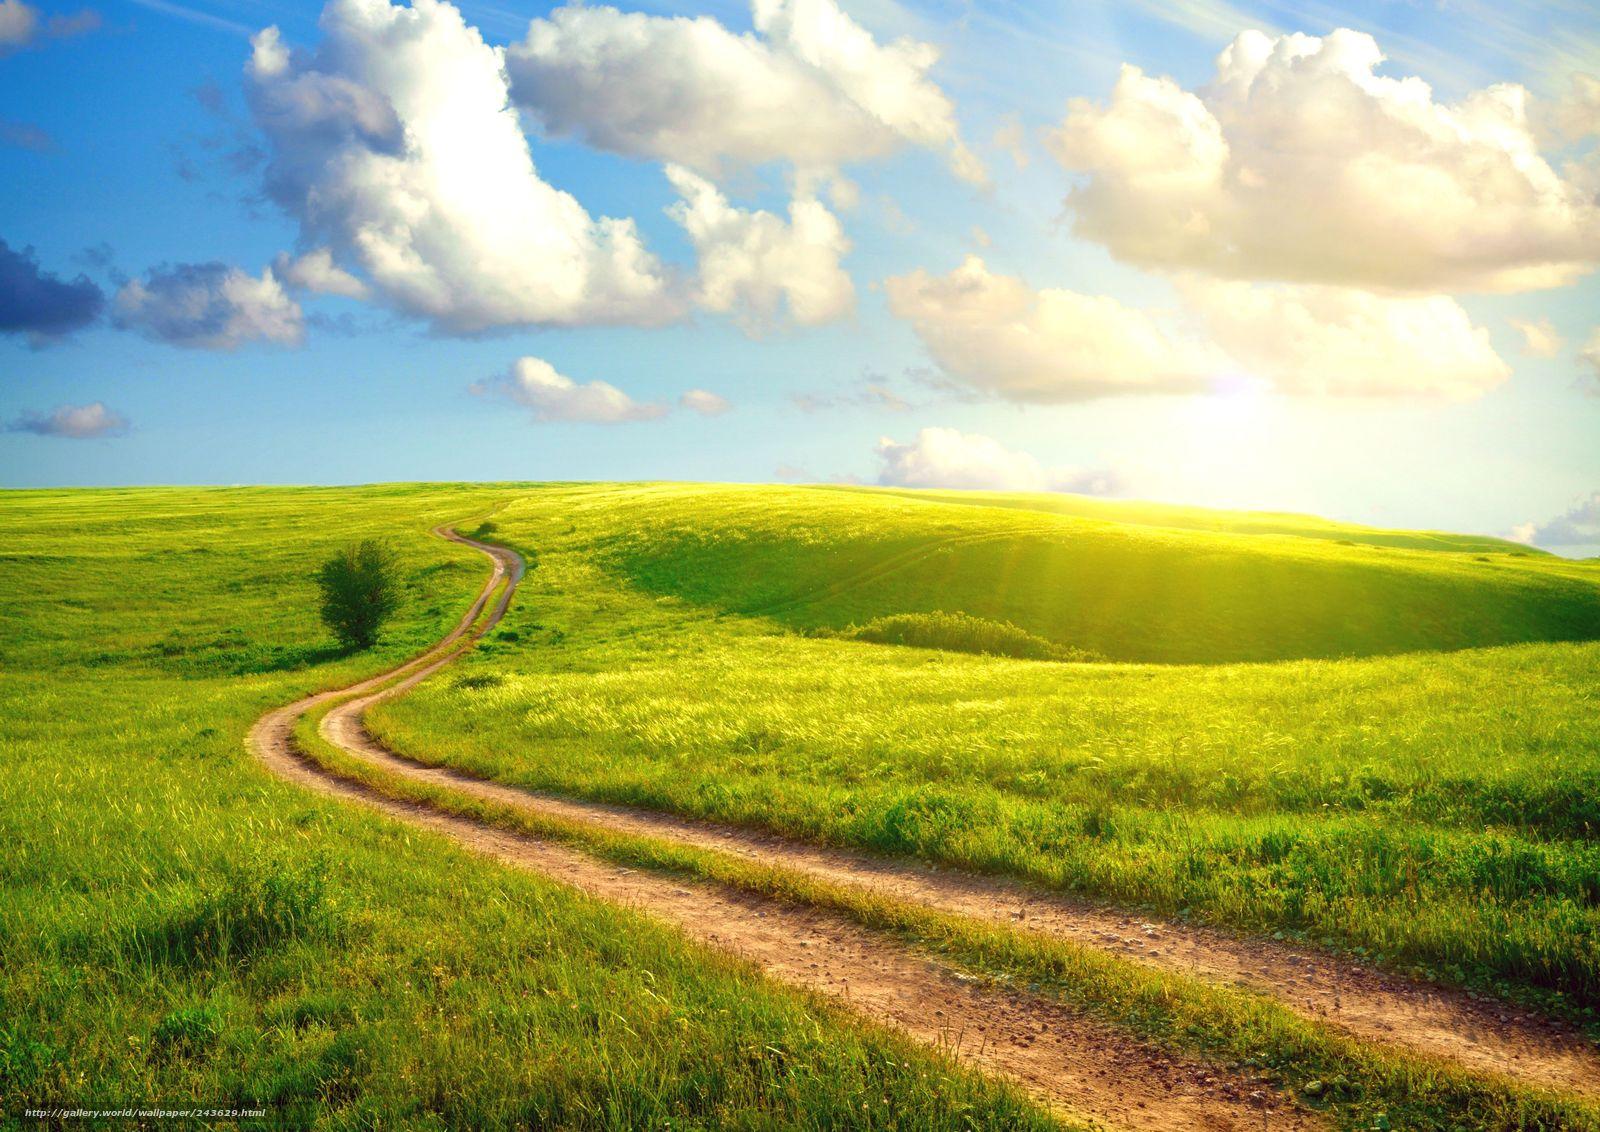 Дорога густая трава лето солнце